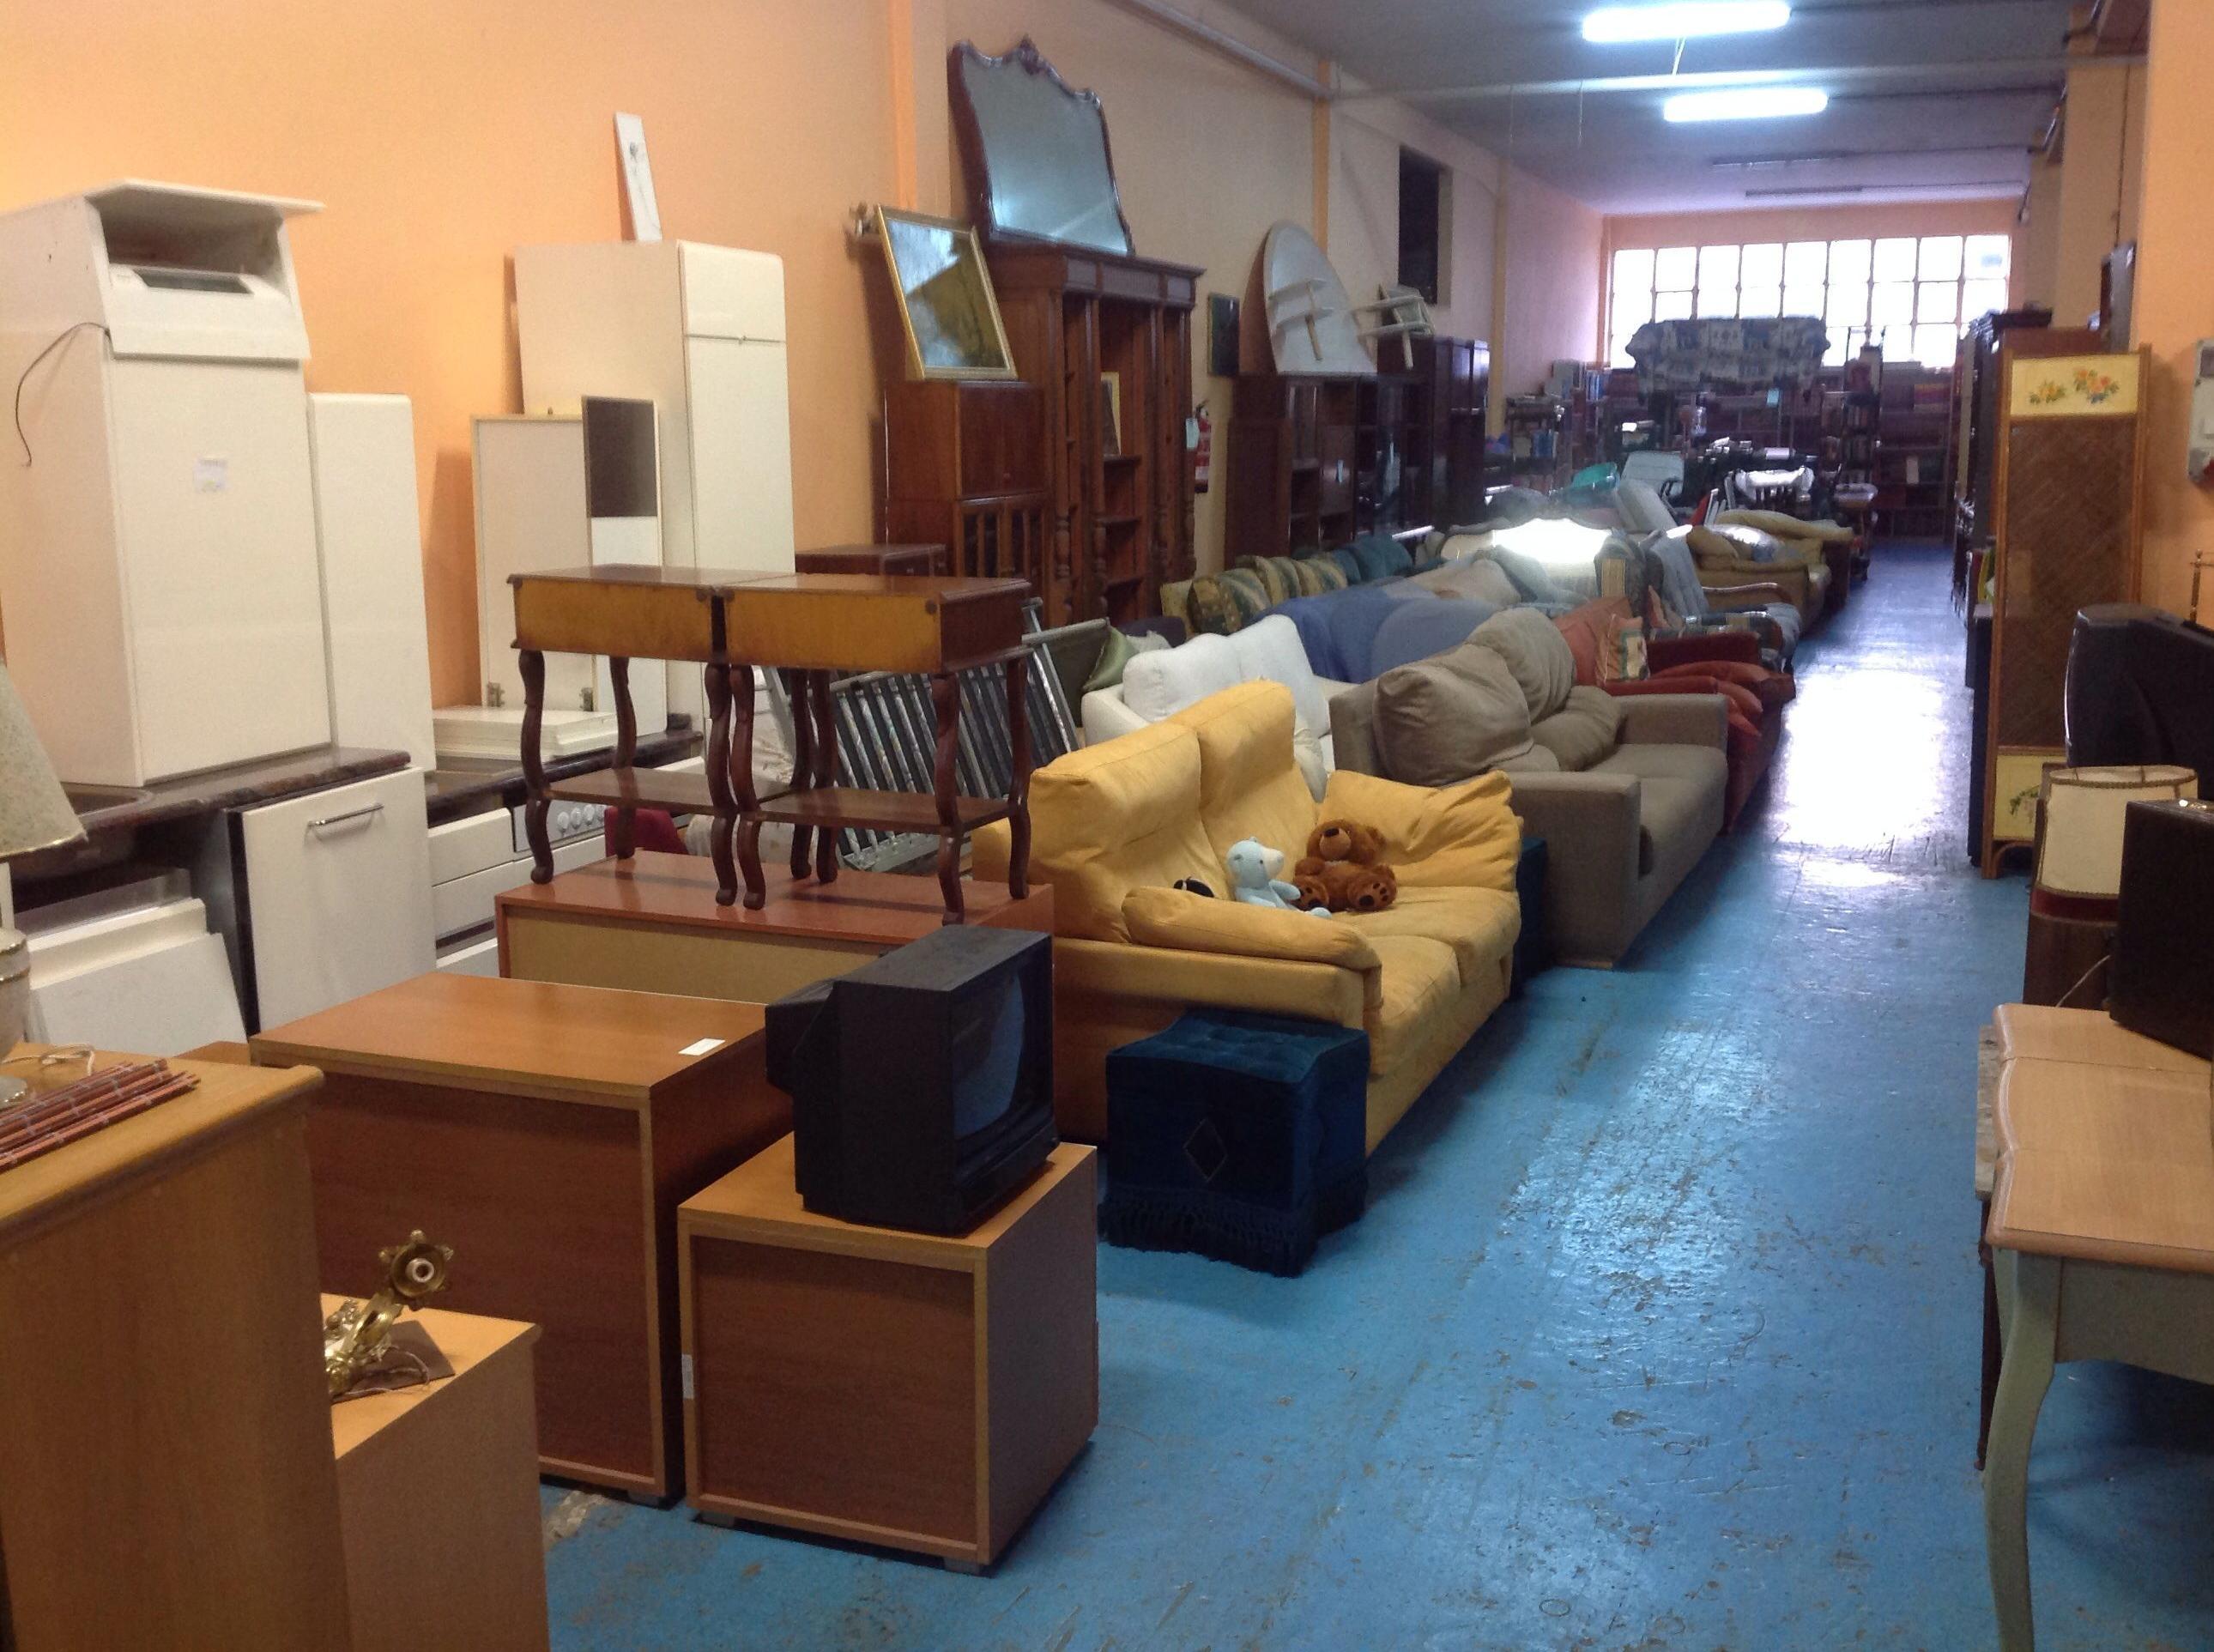 Recogida de ropa en donosti rastro remar for Segunda mano muebles usados